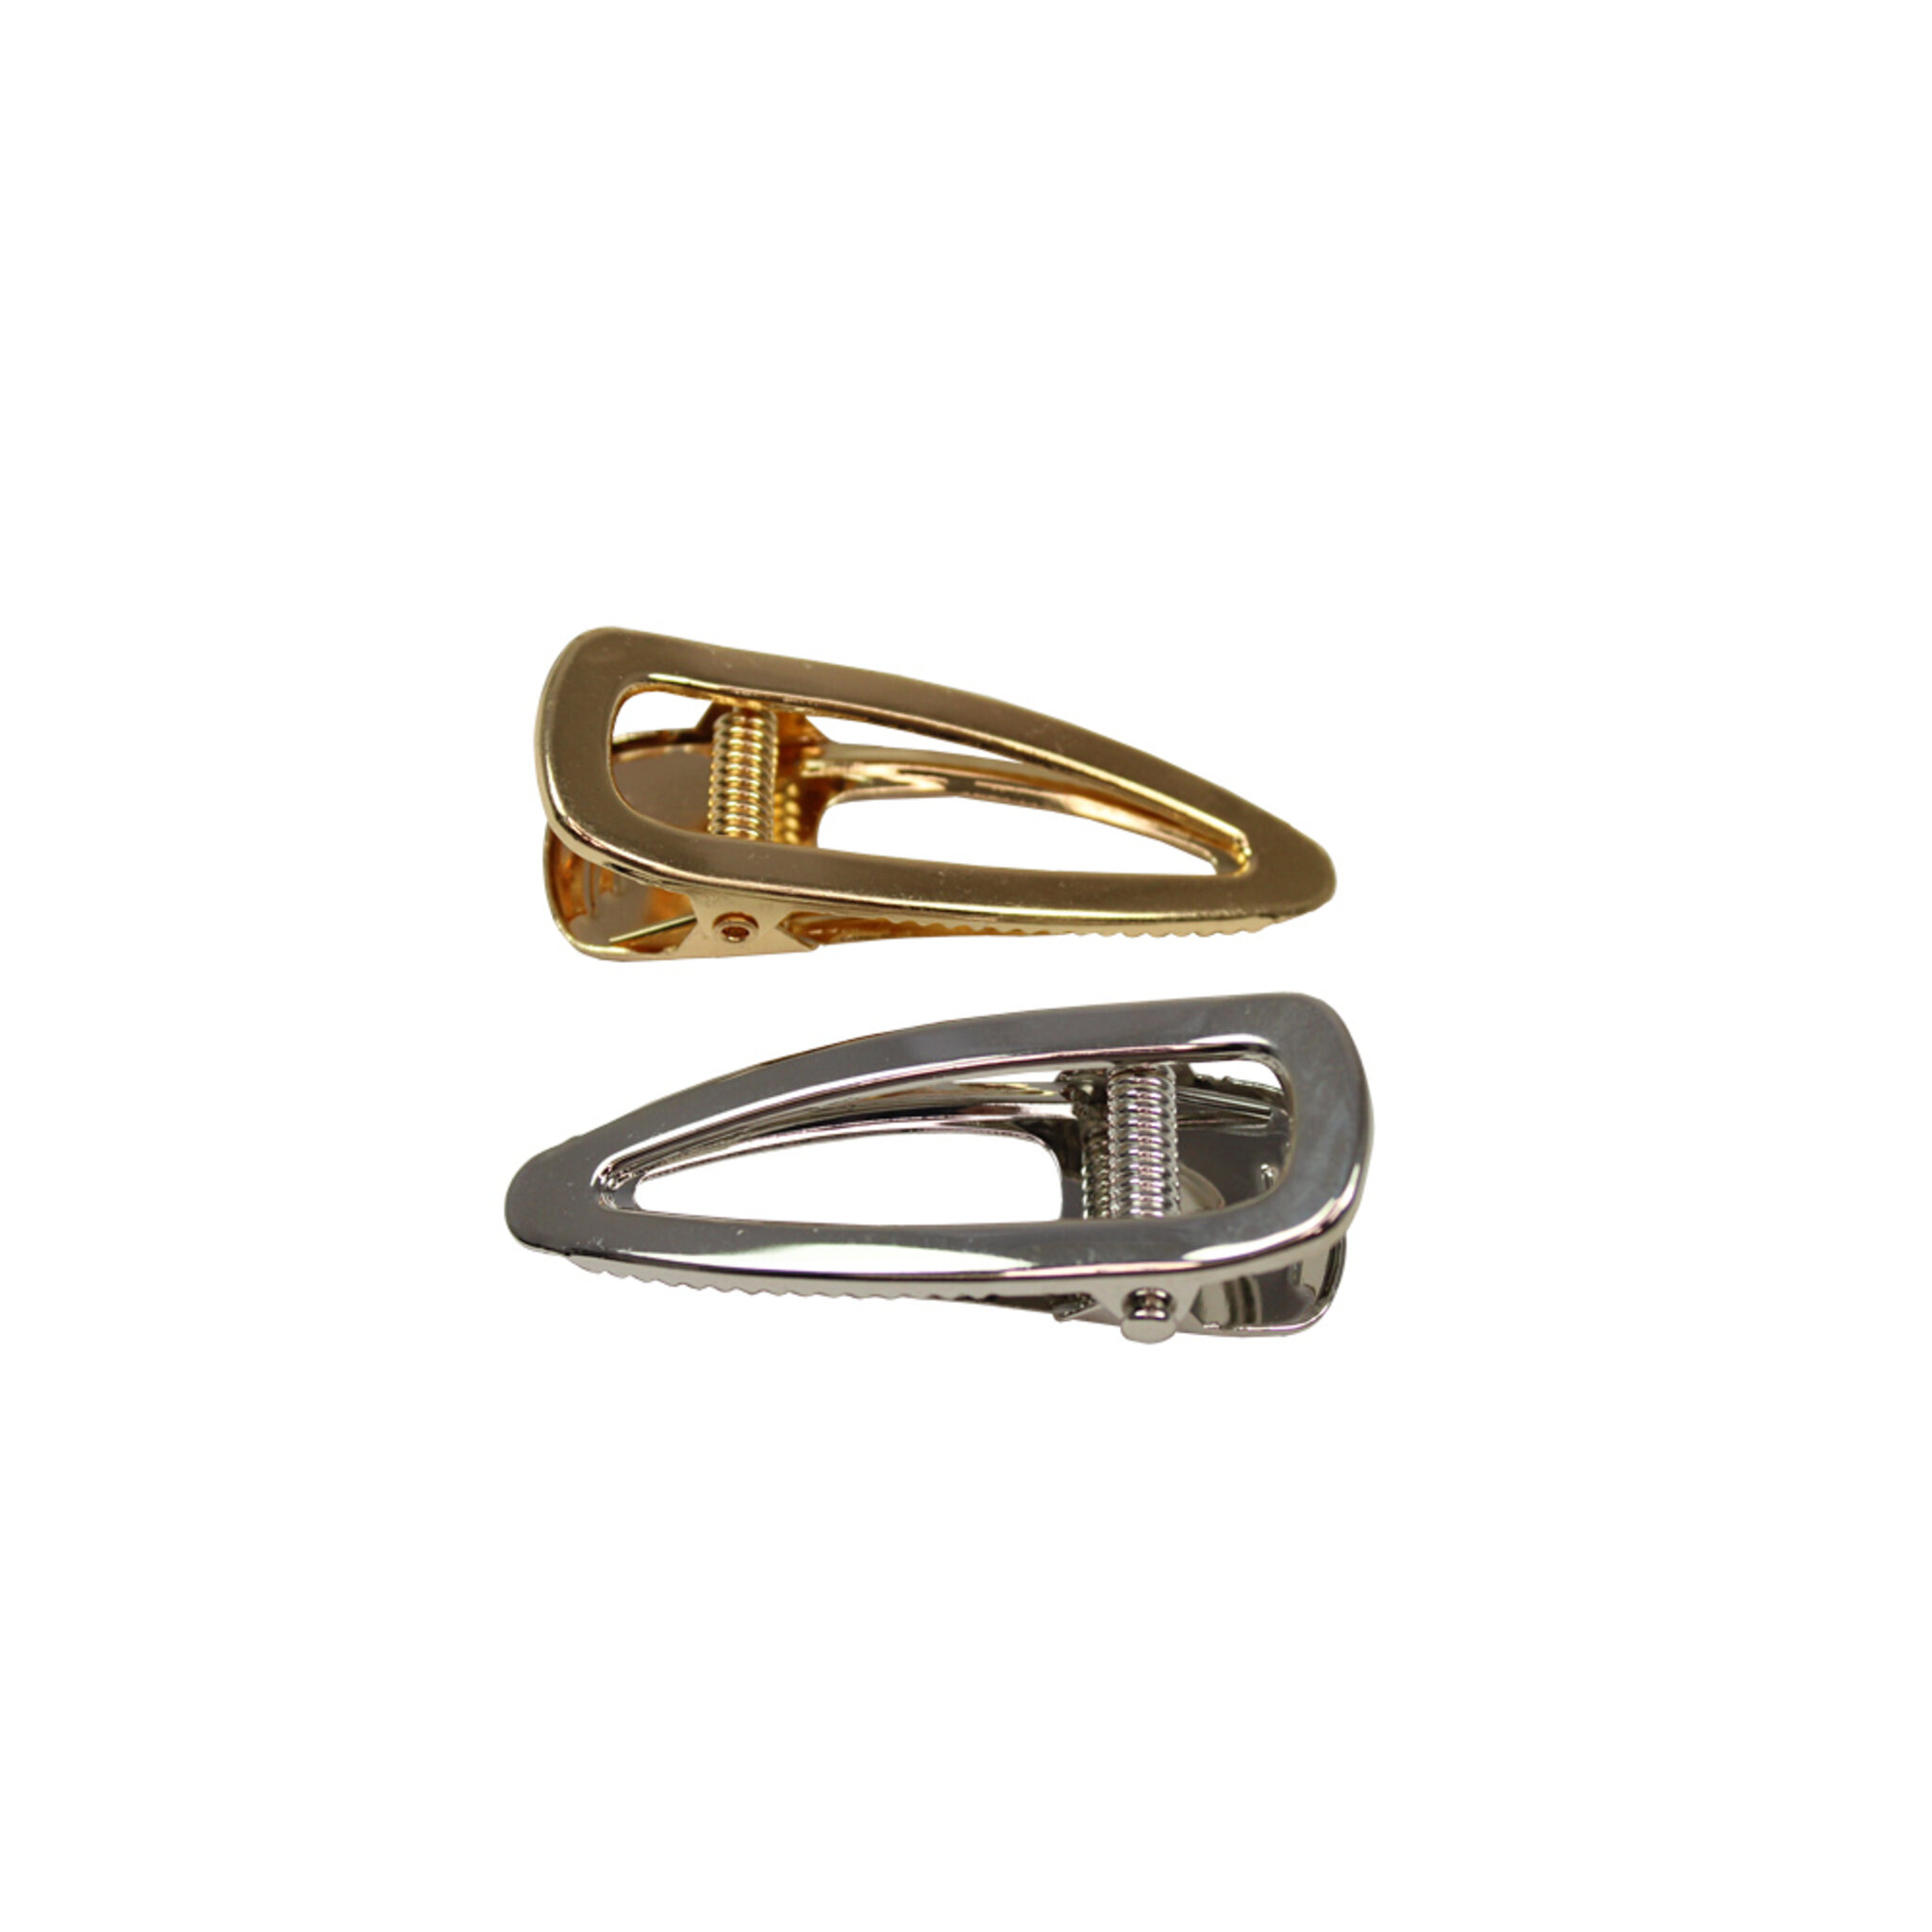 2 pack hårspännen i metall, guld och silver